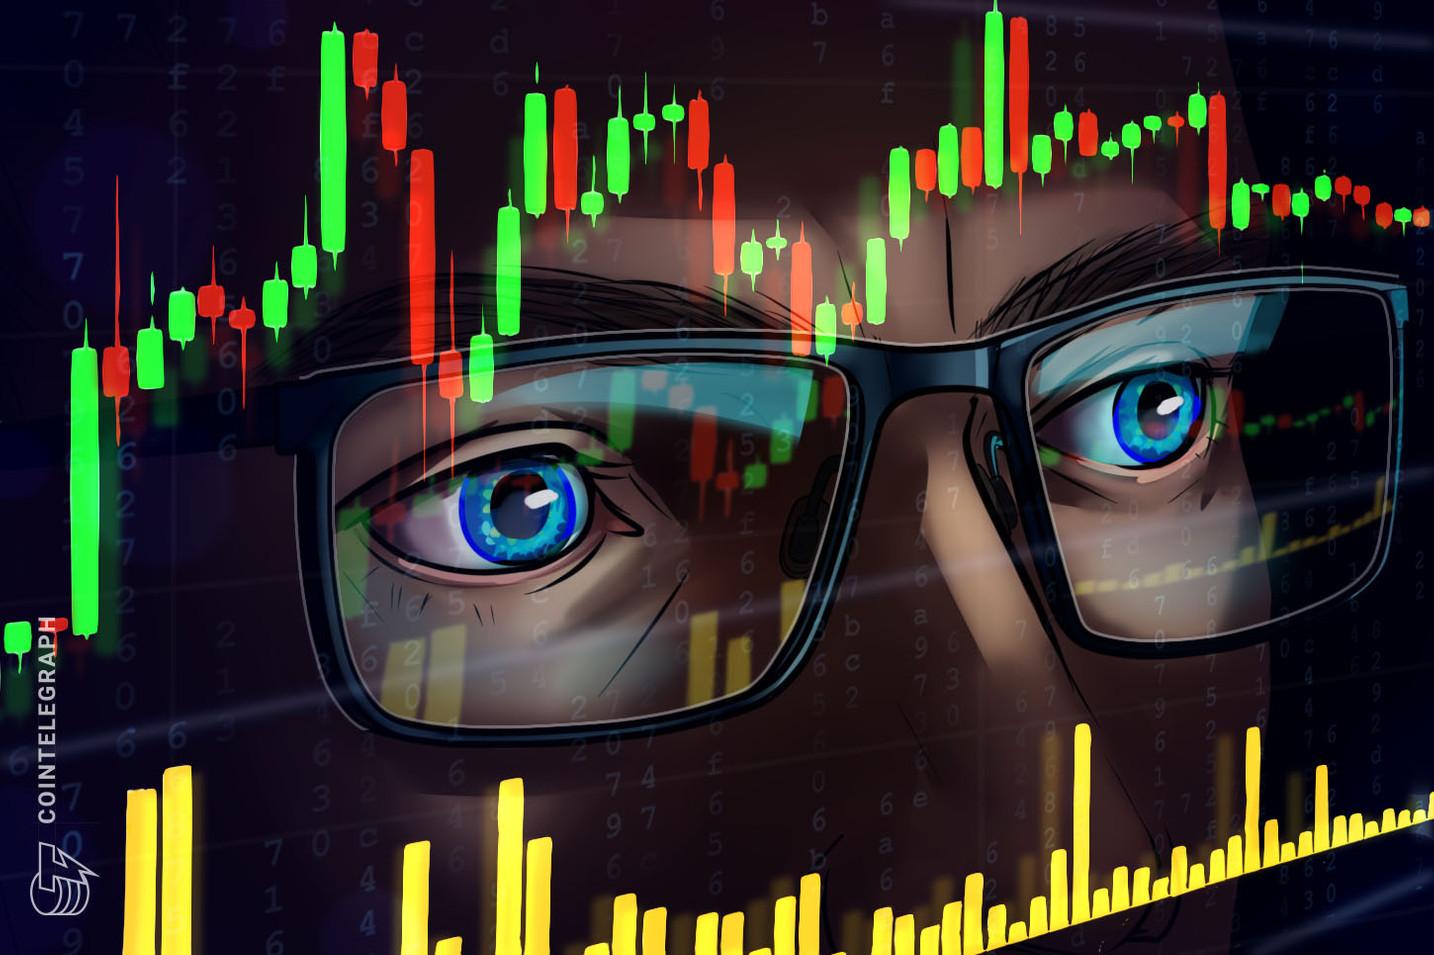 """Preço do Bitcoin chega a US$ 18.000, mas traders esperam retração """"superficial"""" antes de nova alta"""